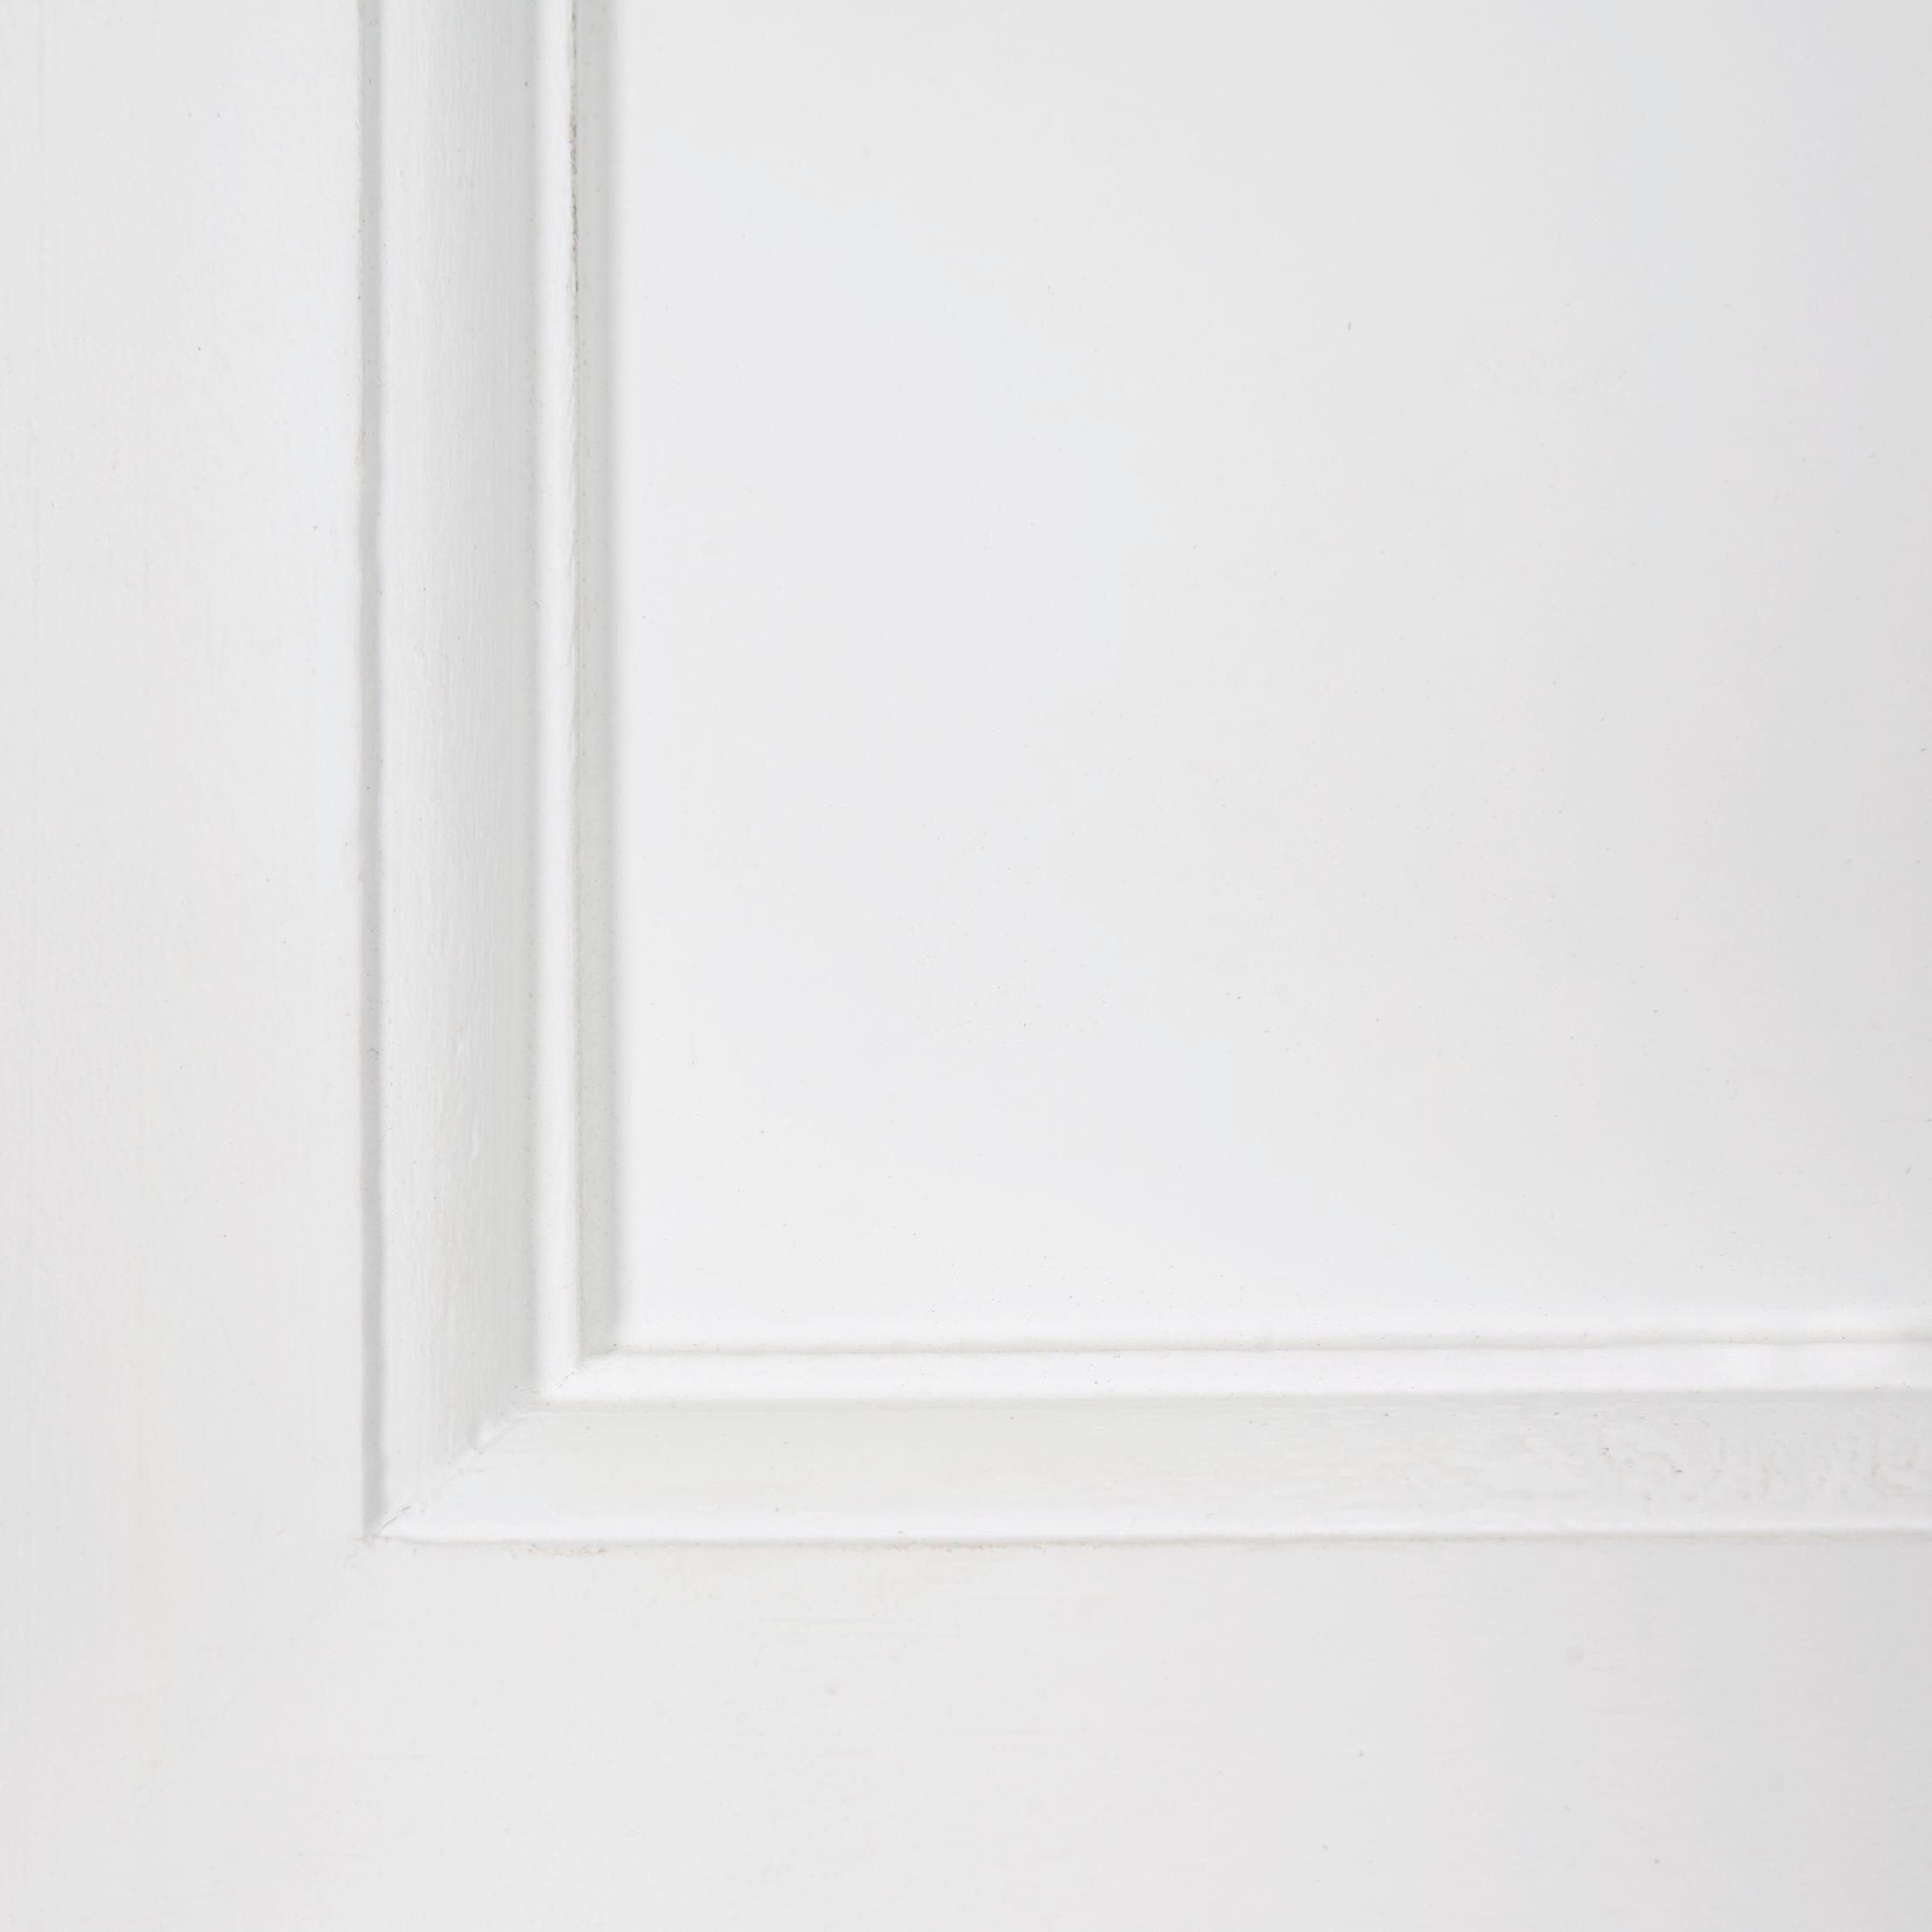 Konsolentisch Cookie 80x40cm - Naturfarben/Weiß, Holz/Metall (80/78/40cm) - PREMIUM LIVING